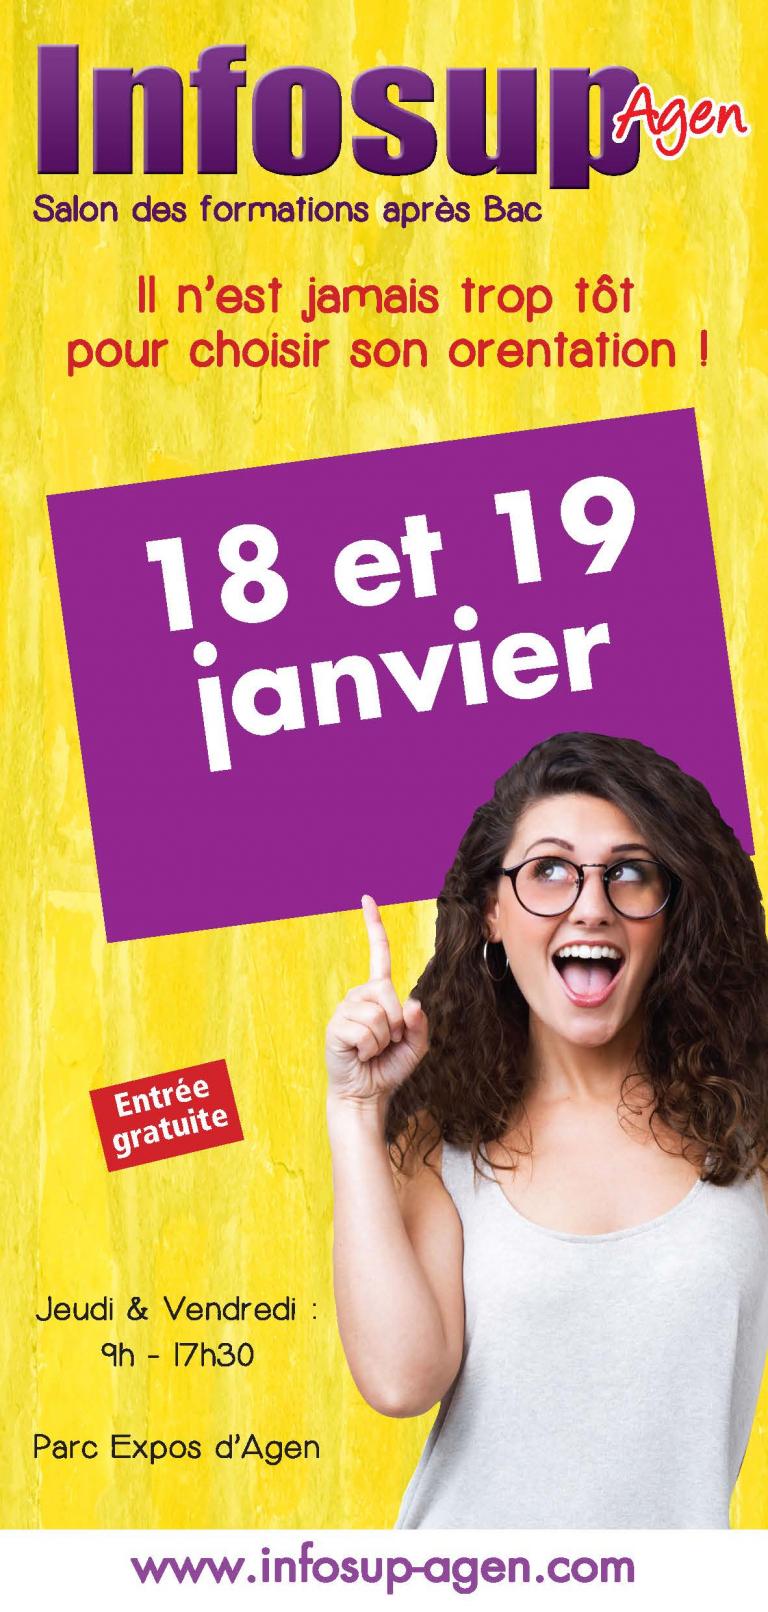 Infosup AGEN – Jeudi 18 et vendredi 19 janvier 2018 de 9h à 17h30 Parc des Expos